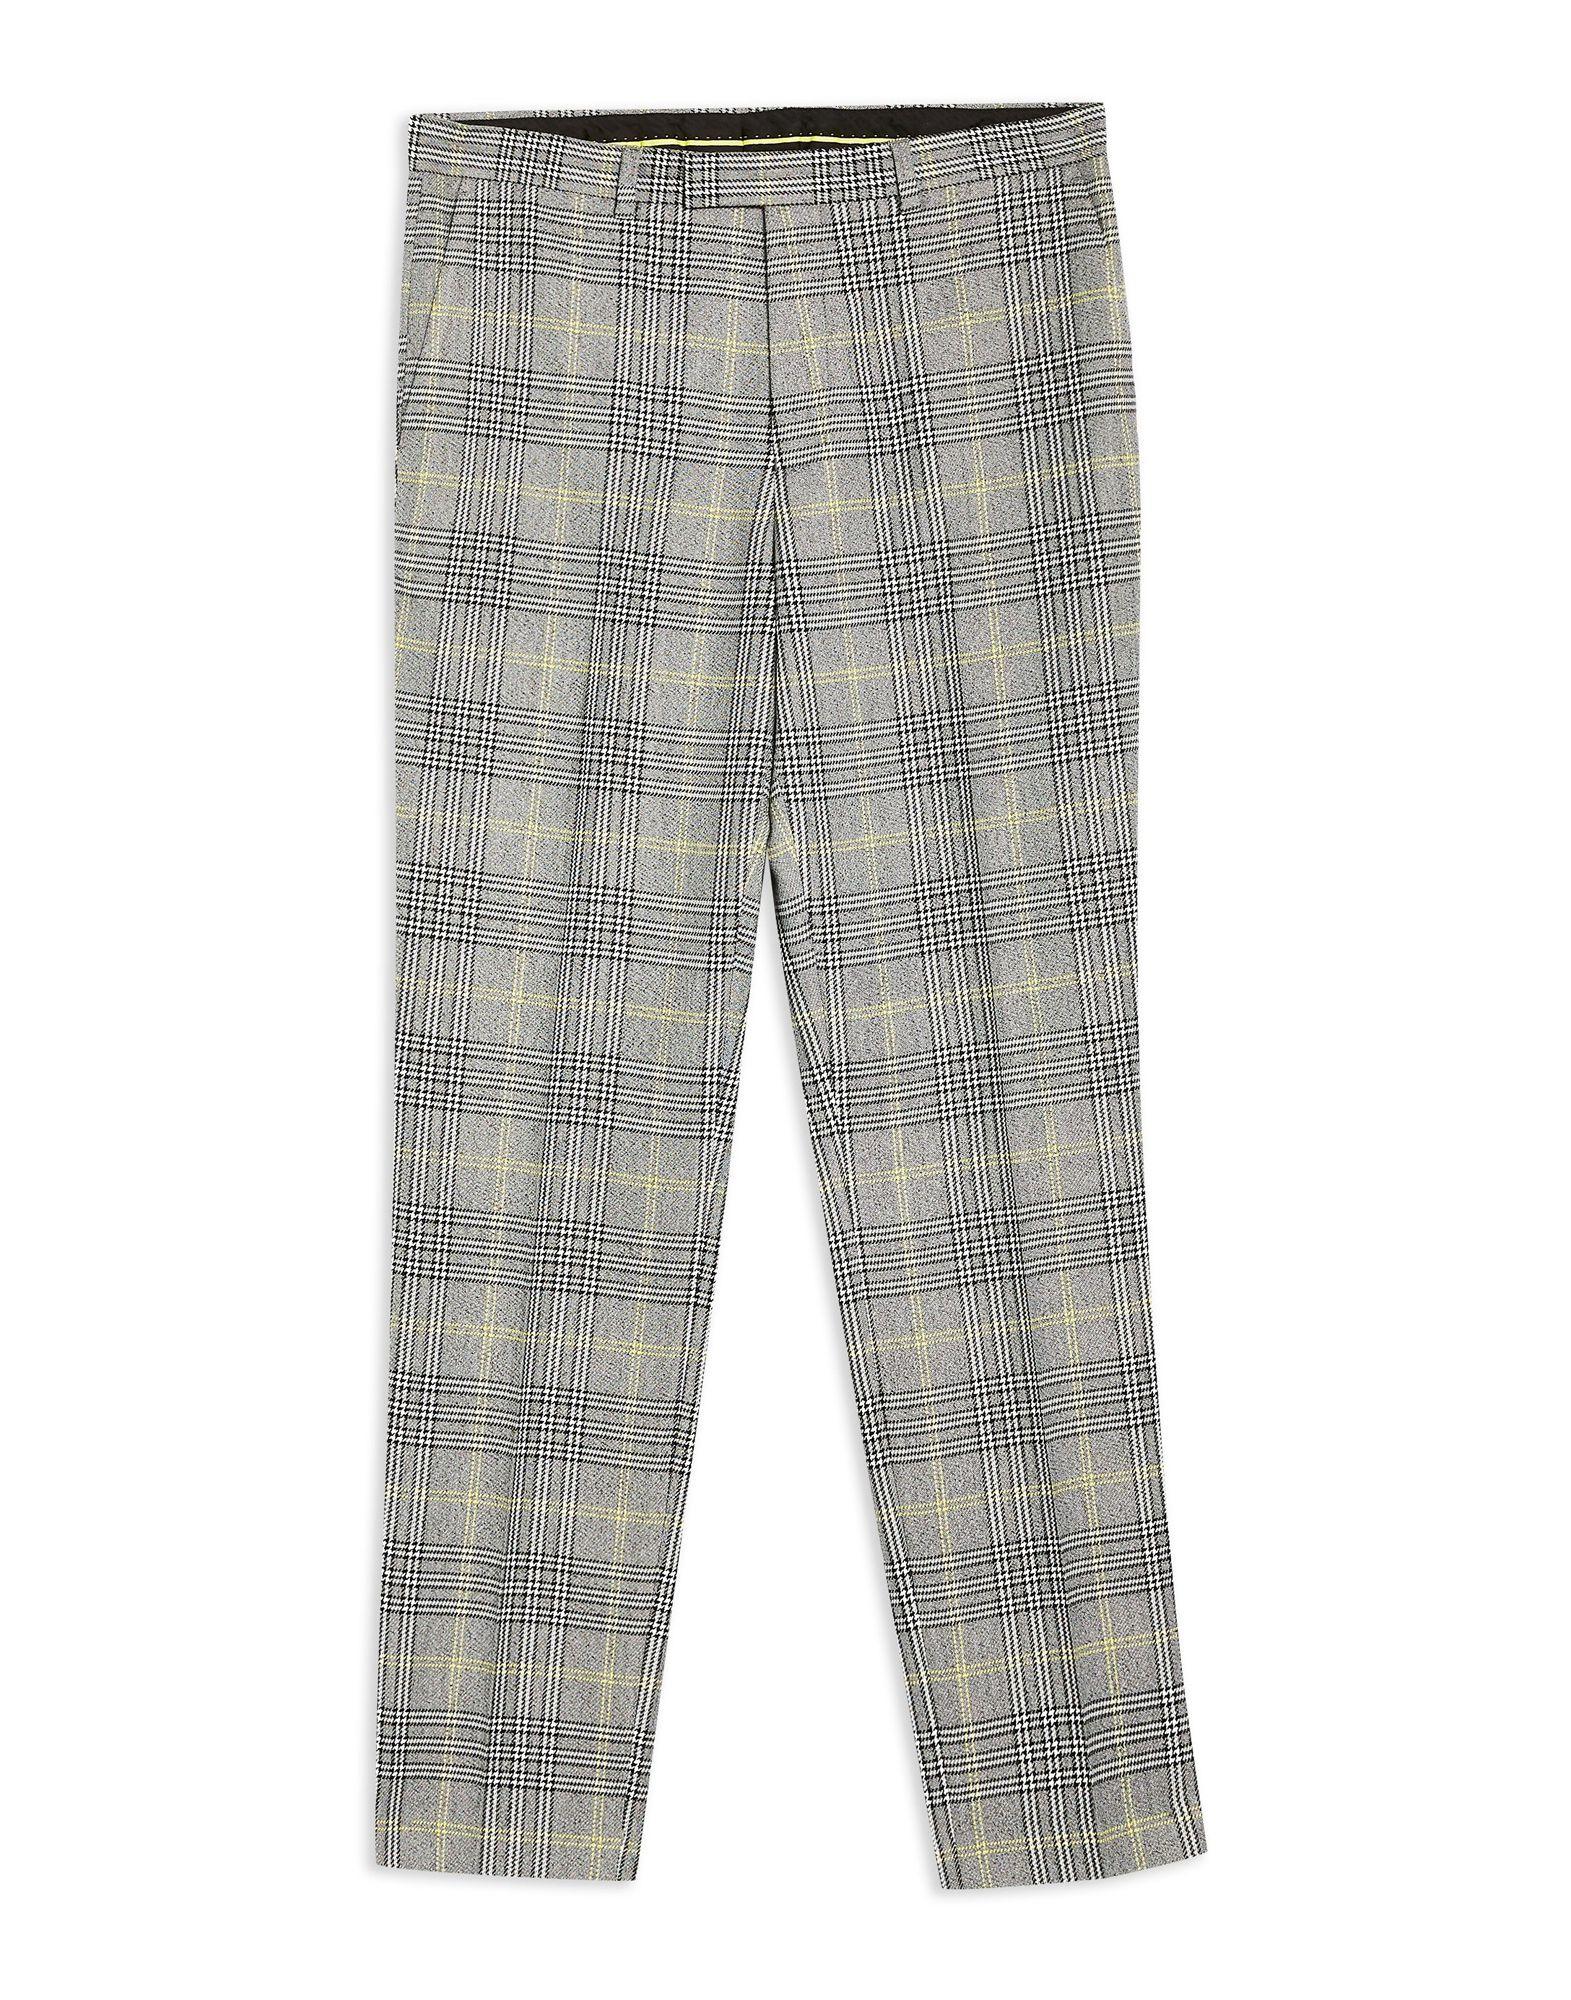 《期間限定セール中》TOPMAN メンズ パンツ ブラック 28 ポリエステル 78% / レーヨン 21% / ポリウレタン 1% Grey Check Slim Trousers